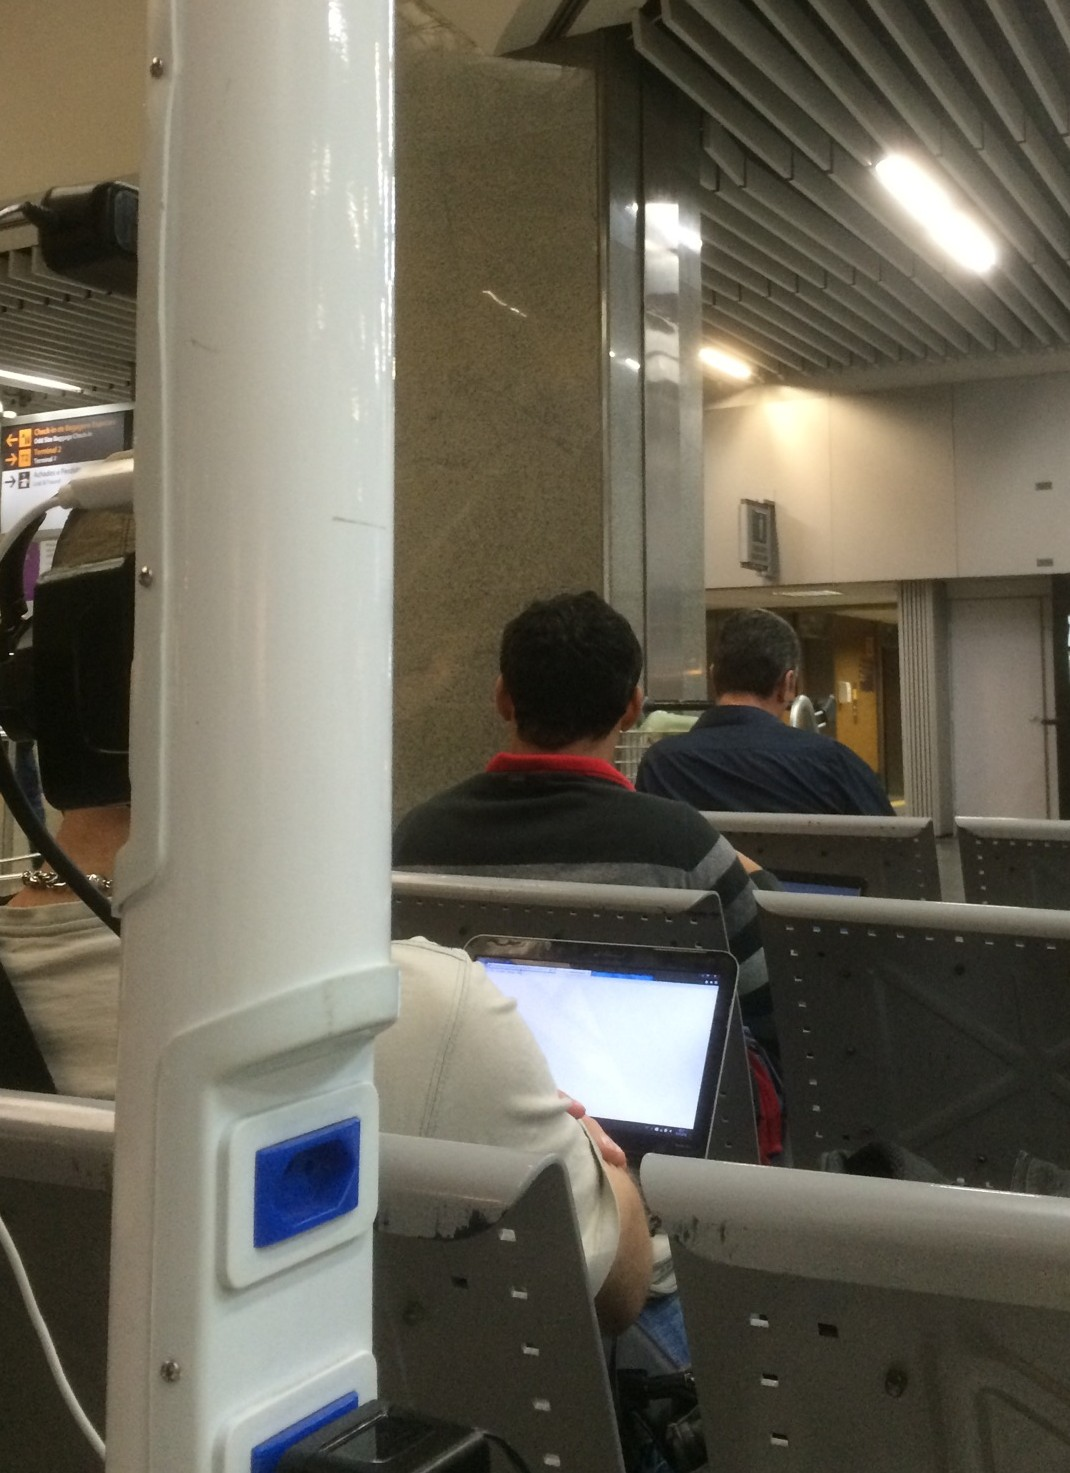 Rio de Janeiro - GIG - Reisende nutzen den Gratis Service für Strom und Wifi